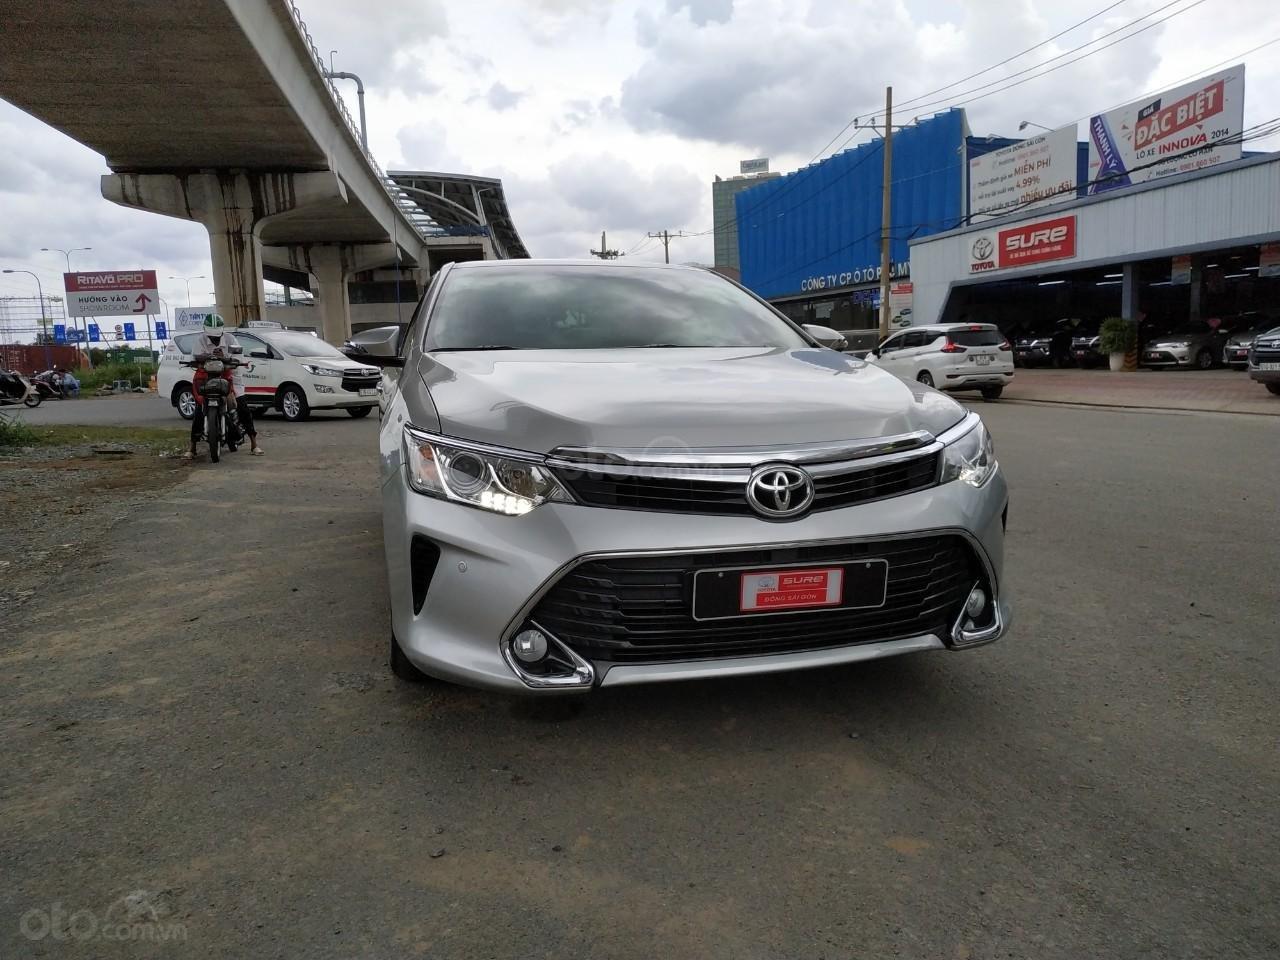 Camry 2.5Q 2017 màu bạc, xe đẹp, biển số Sài Gòn, có trả góp, giá còn fix (1)